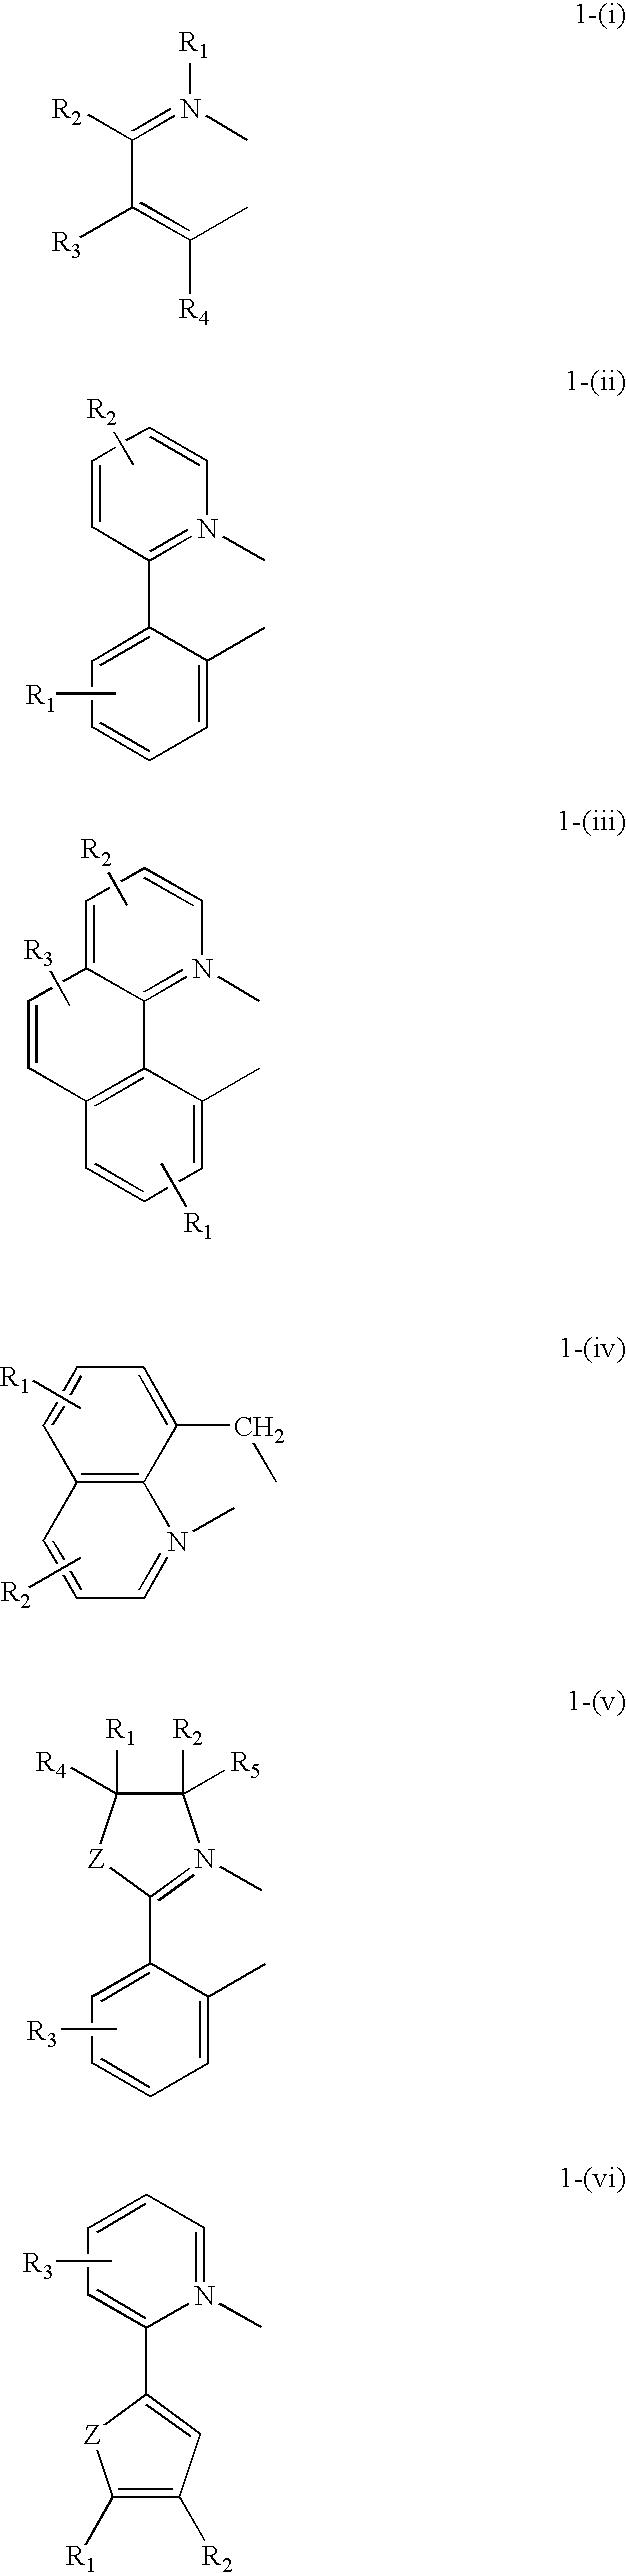 Figure US20060177695A1-20060810-C00005